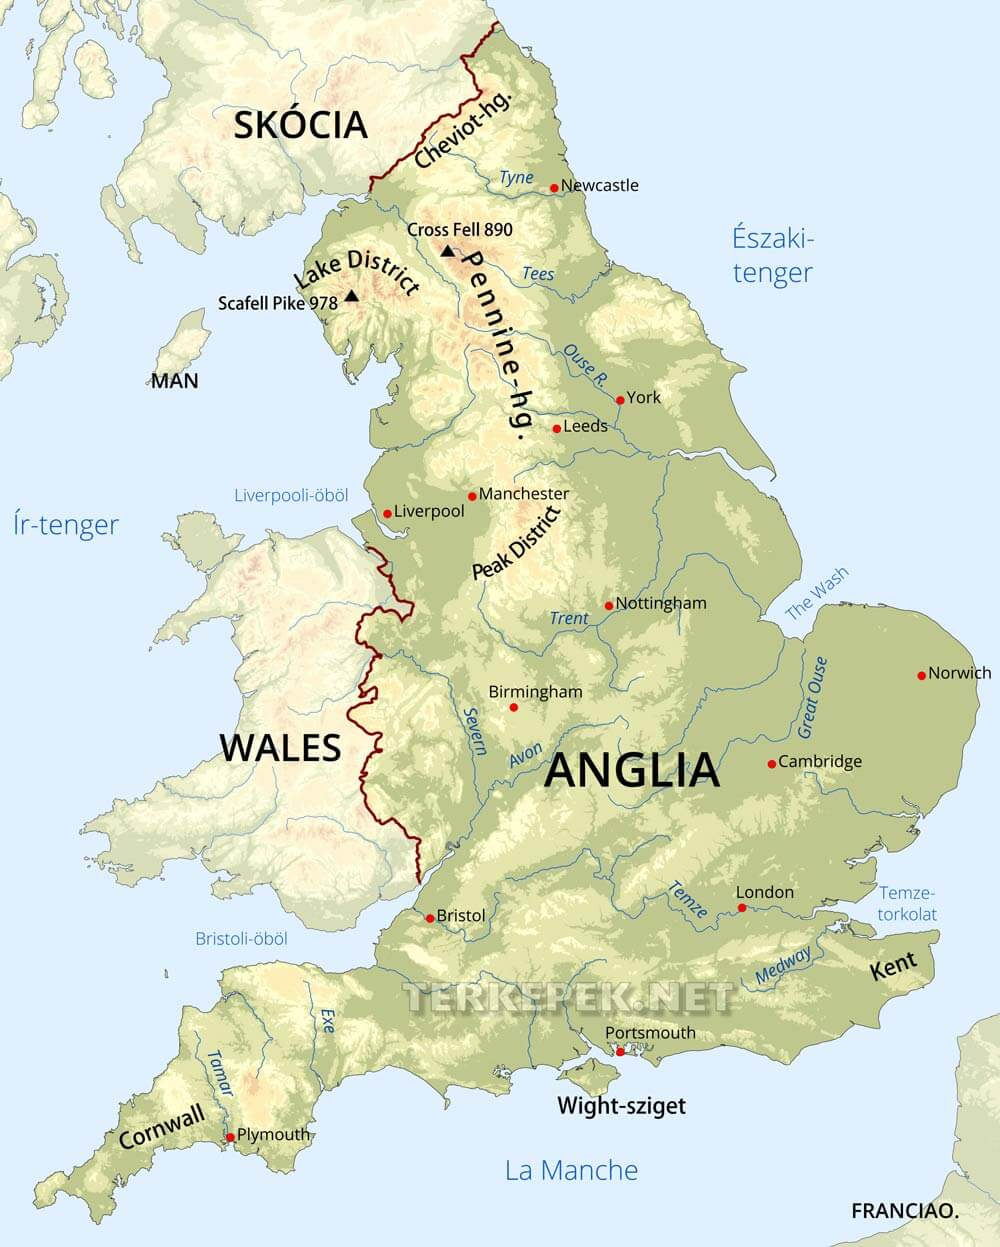 nagy britannia térkép Anglia domborzati térképe nagy britannia térkép